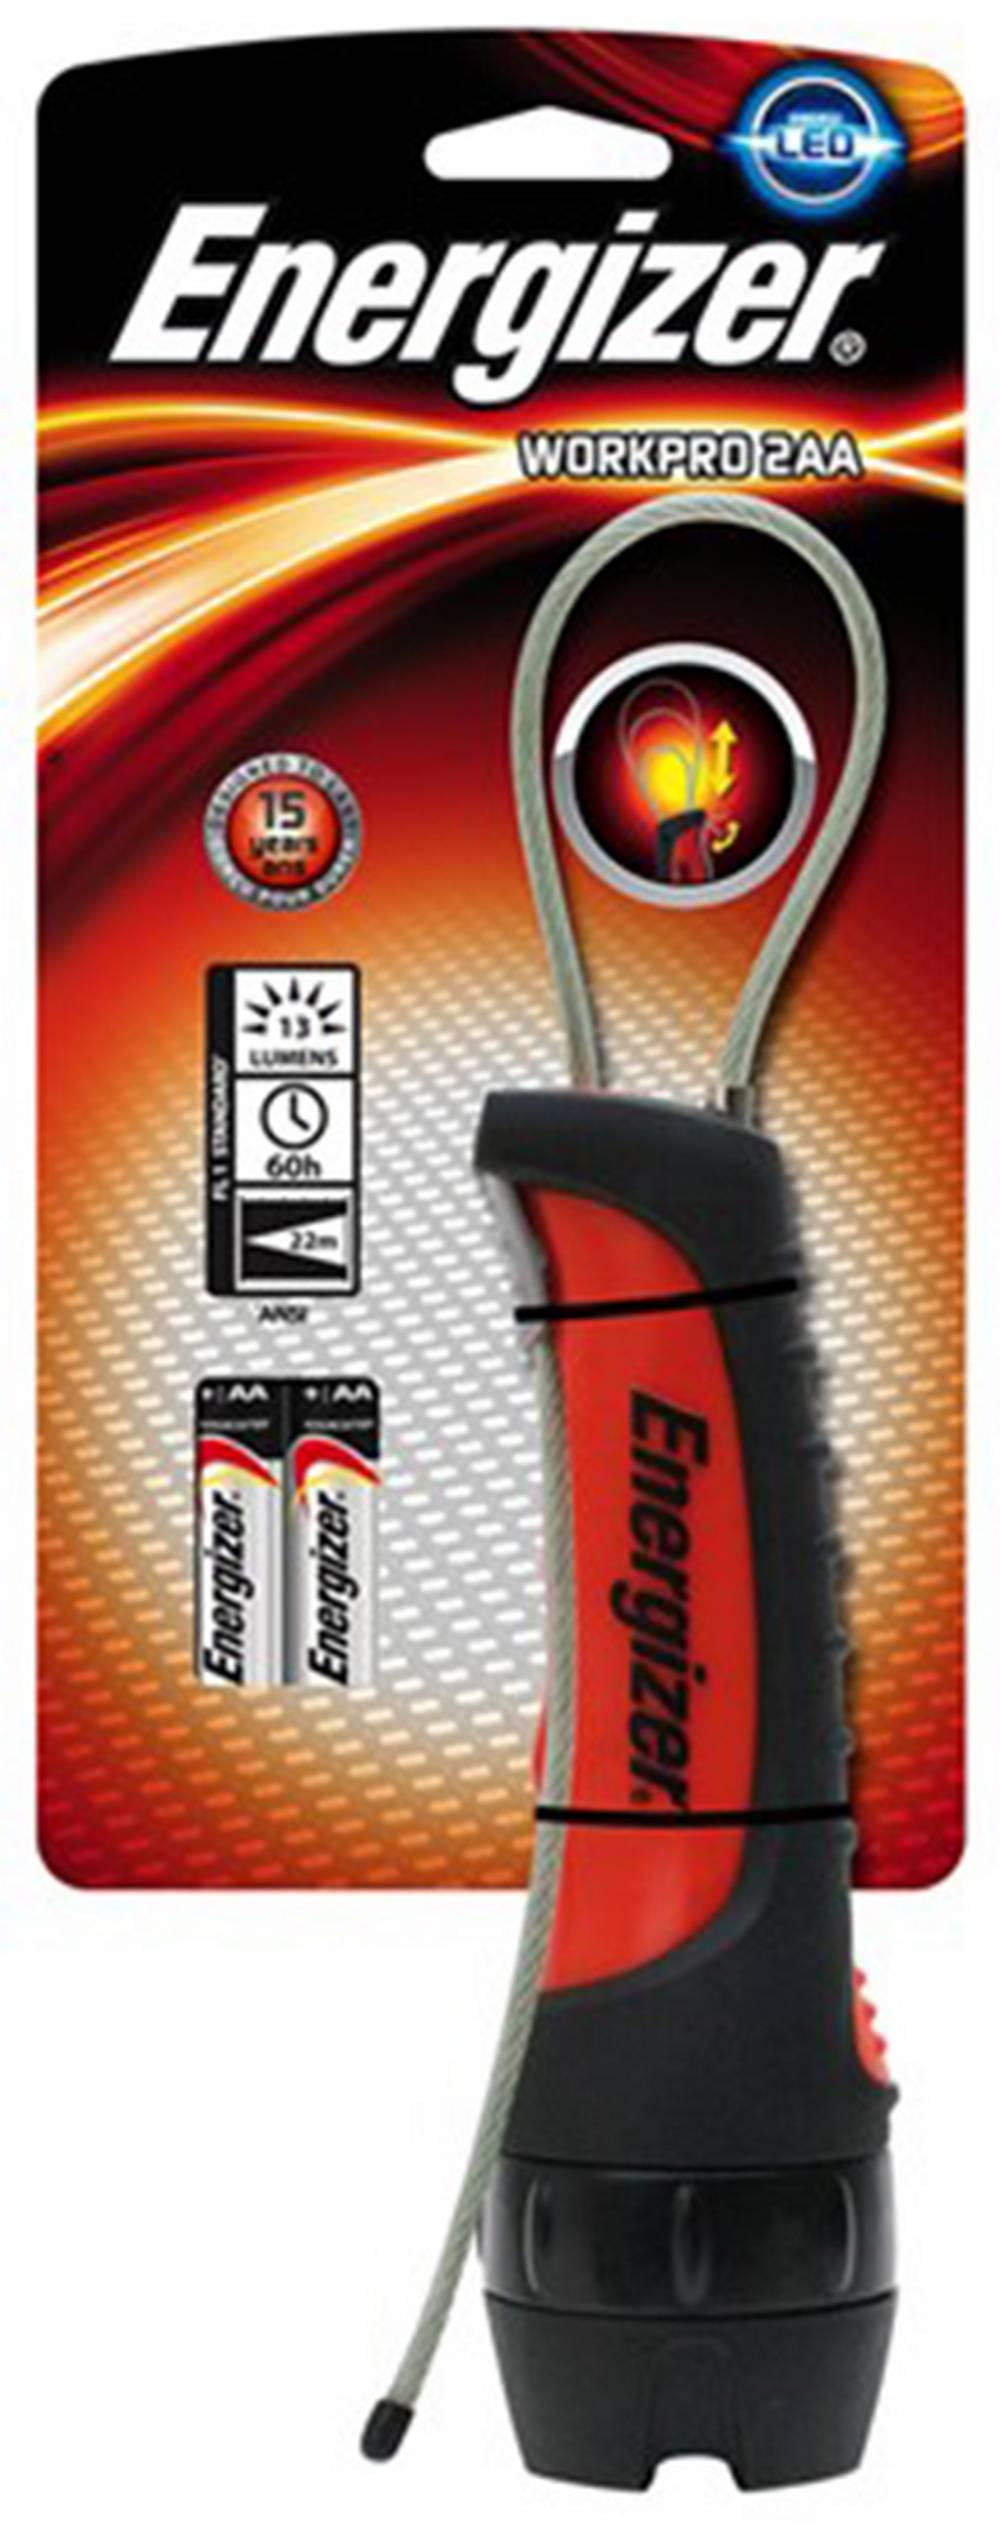 Φακός Energizer WorkPro 1 Led 13 Lumens με Μπαταρίες AA 2 Τεμ. Μαύρο